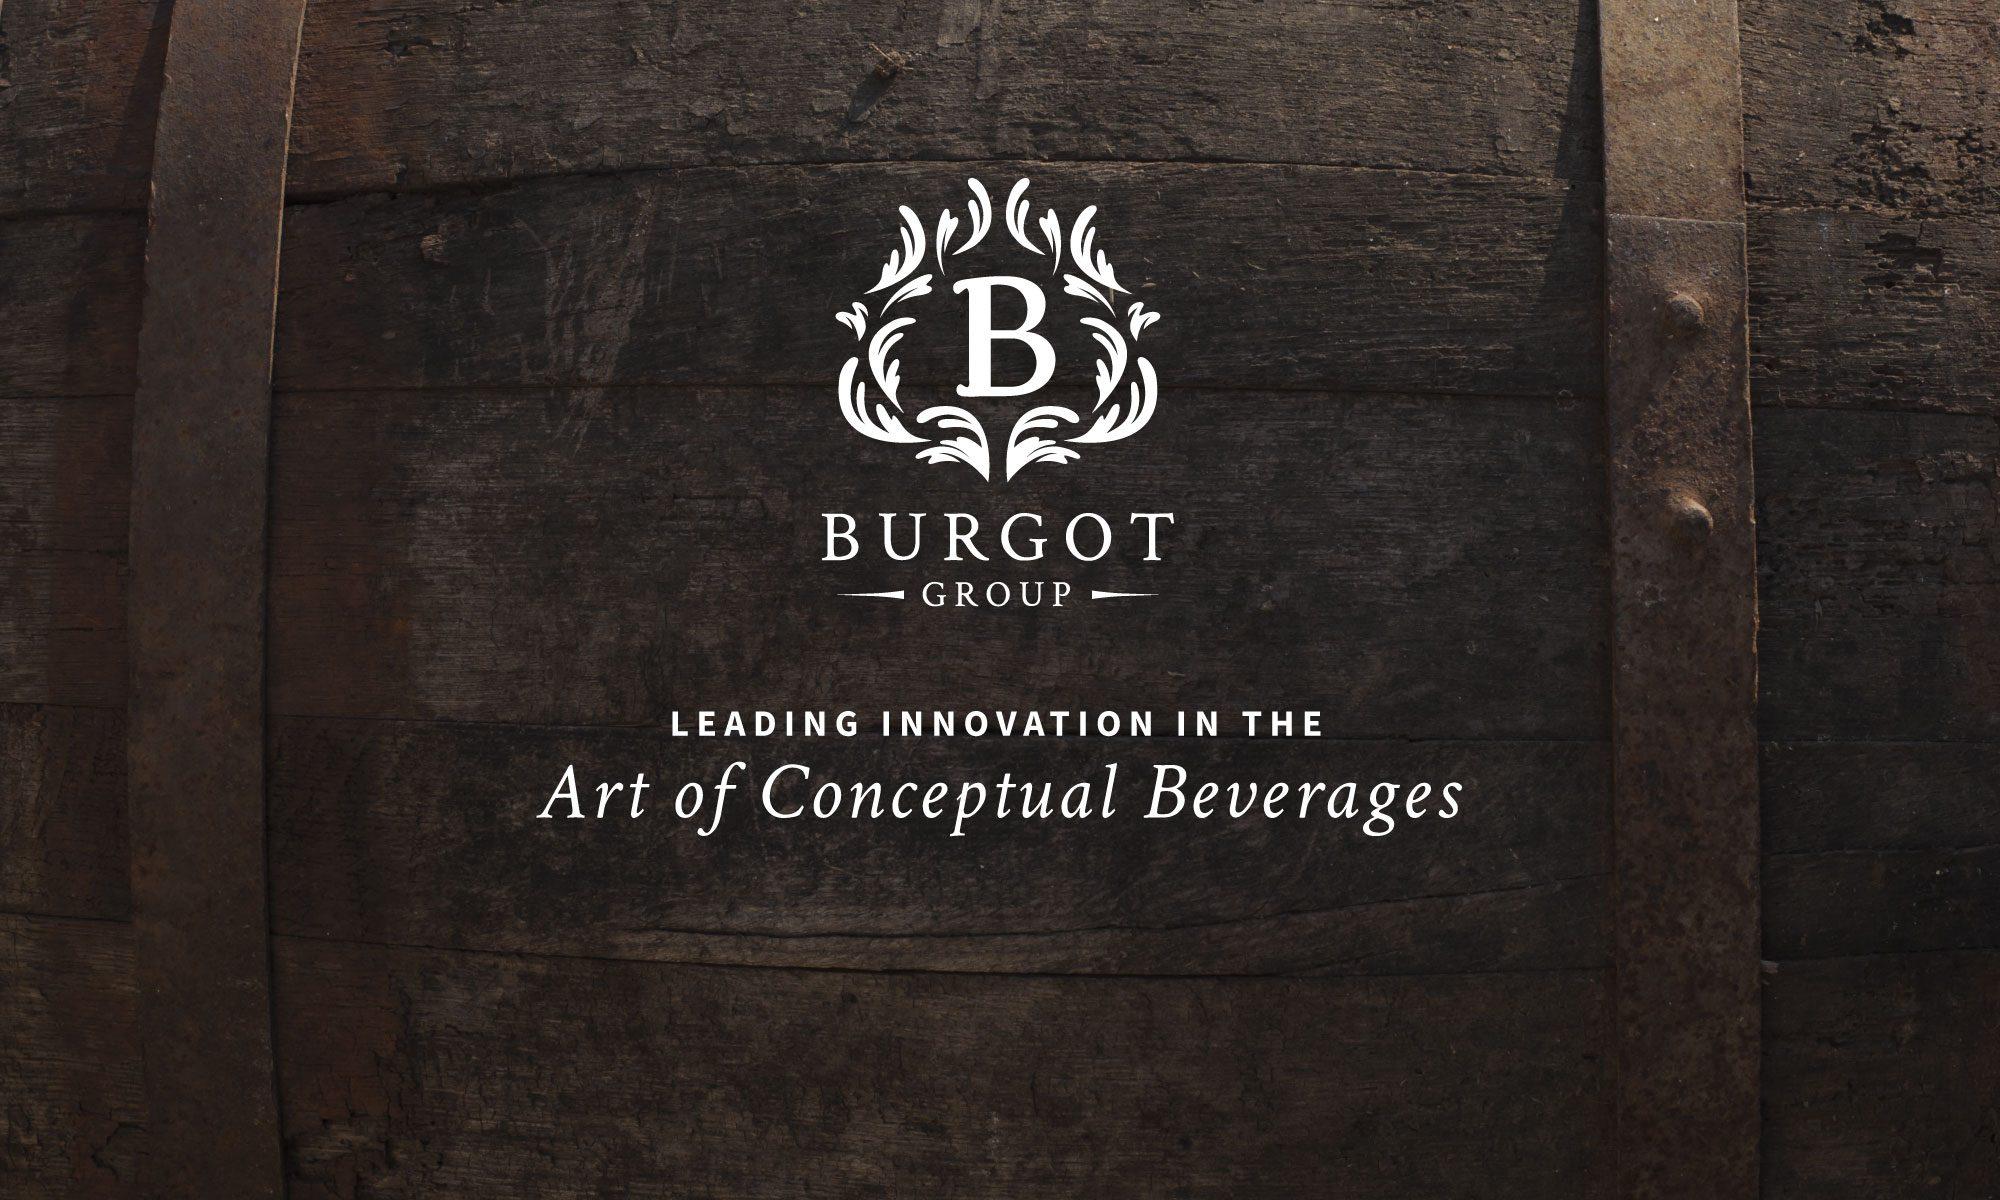 Burgotgroup